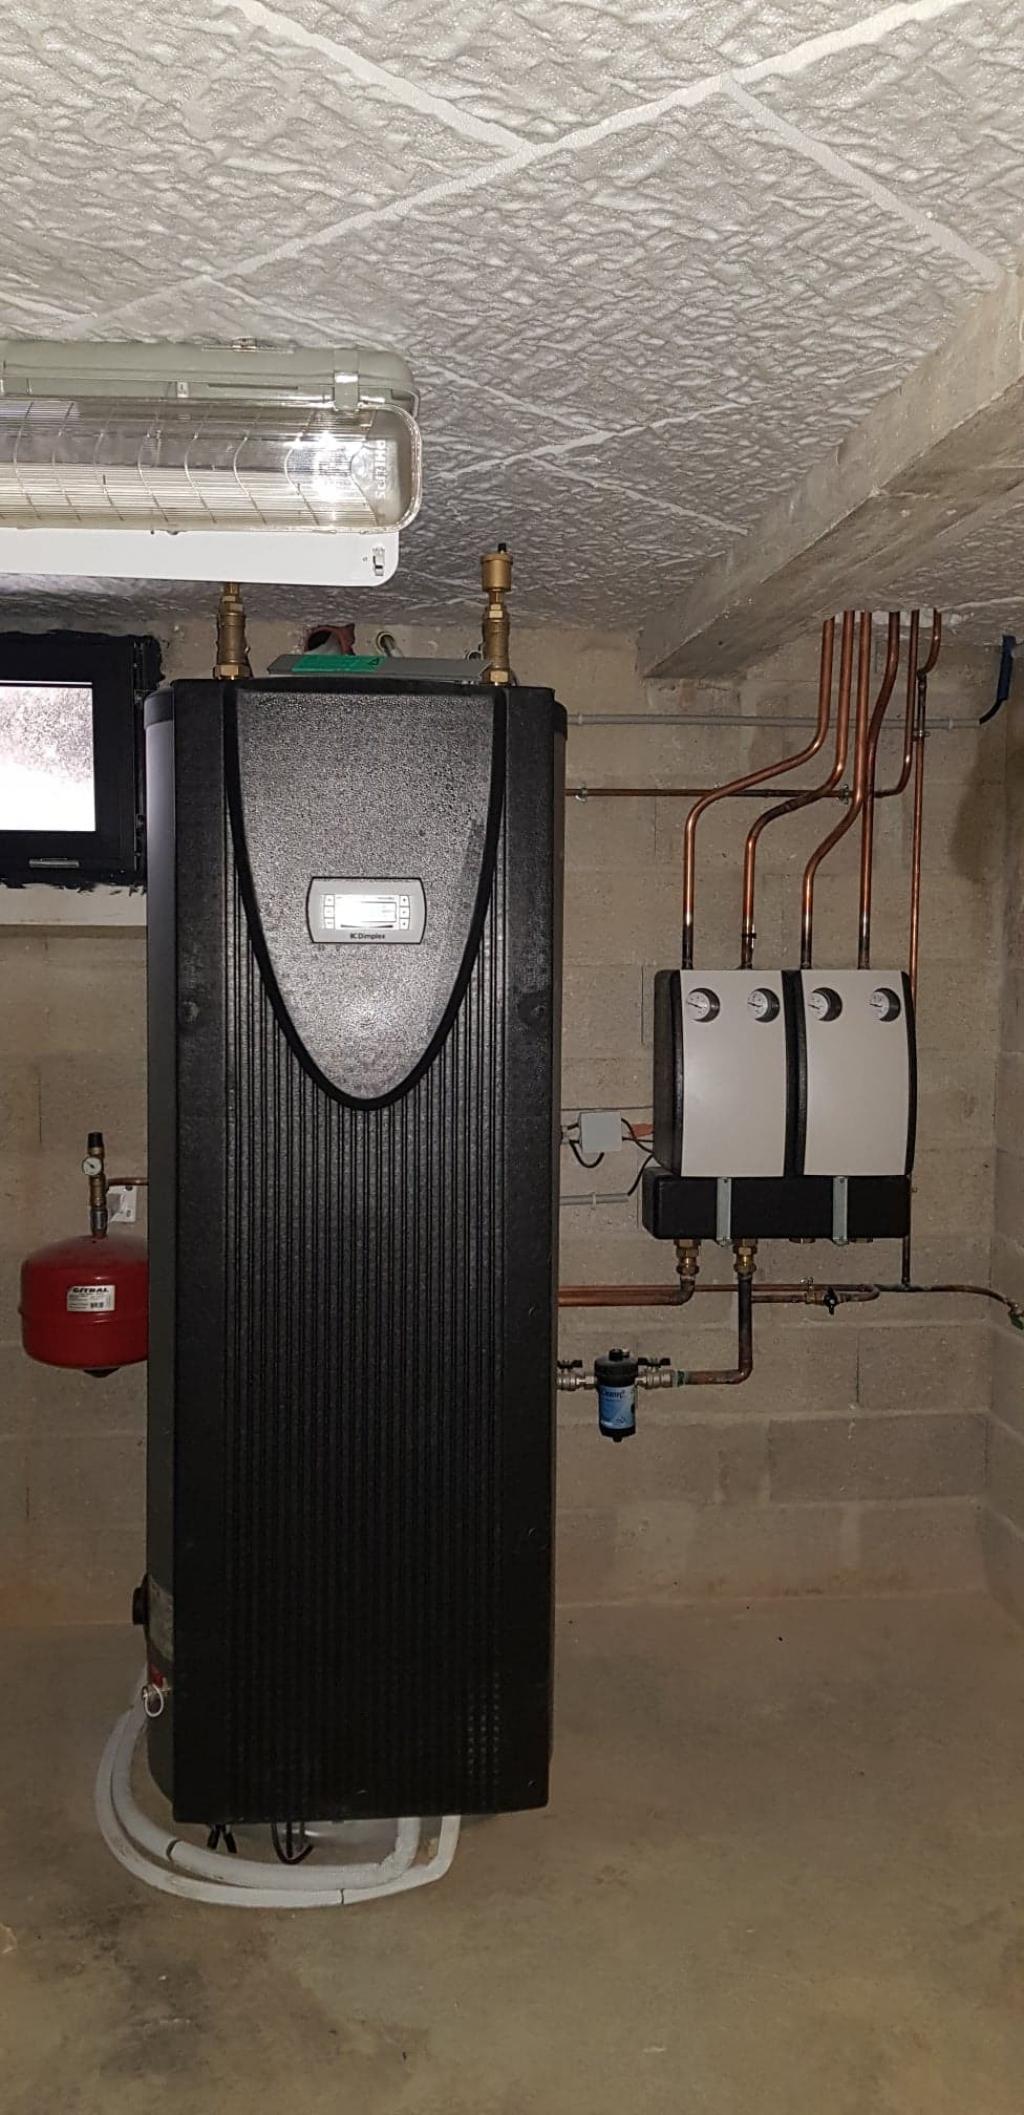 Chauffagiste Pithiviers Malesherbes : Installation d'un système de chauffage complet par pompe à chaleur AIR EAU DIMPLEX avec Plancher chauffant et radiateurs